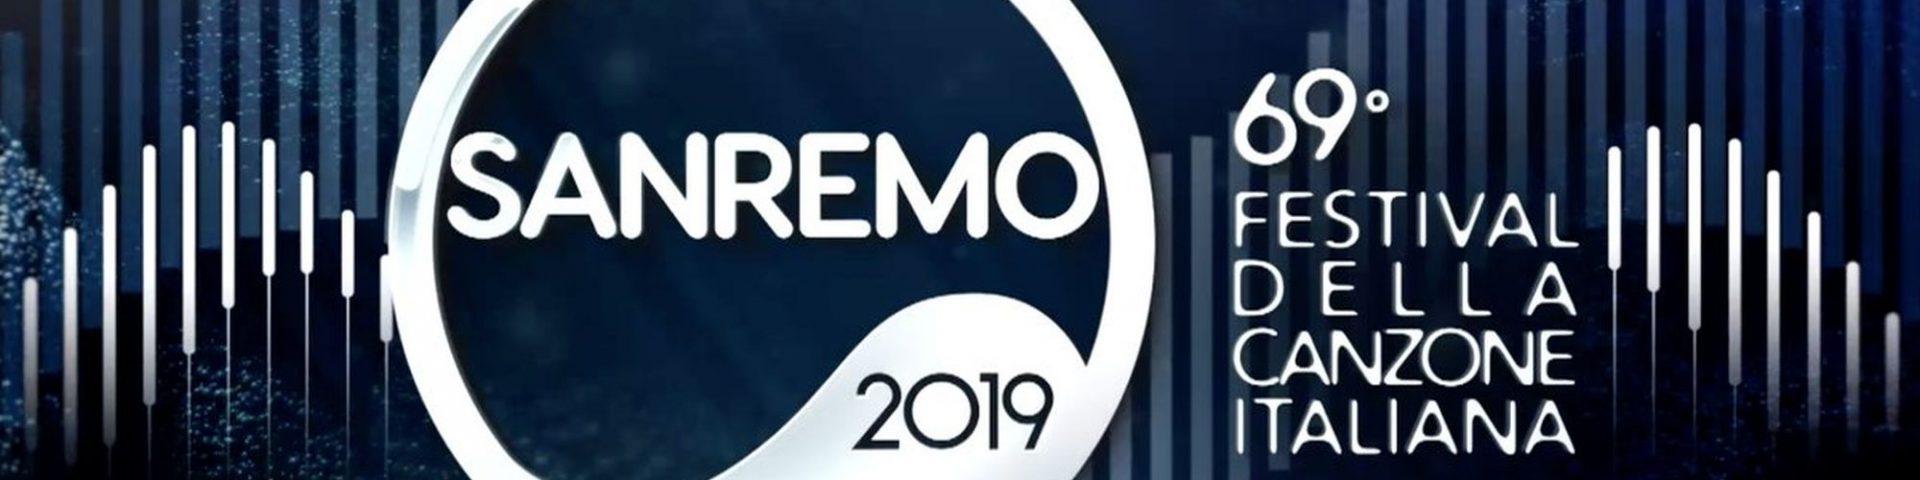 Sanremo 2019: la classifica della prima serata